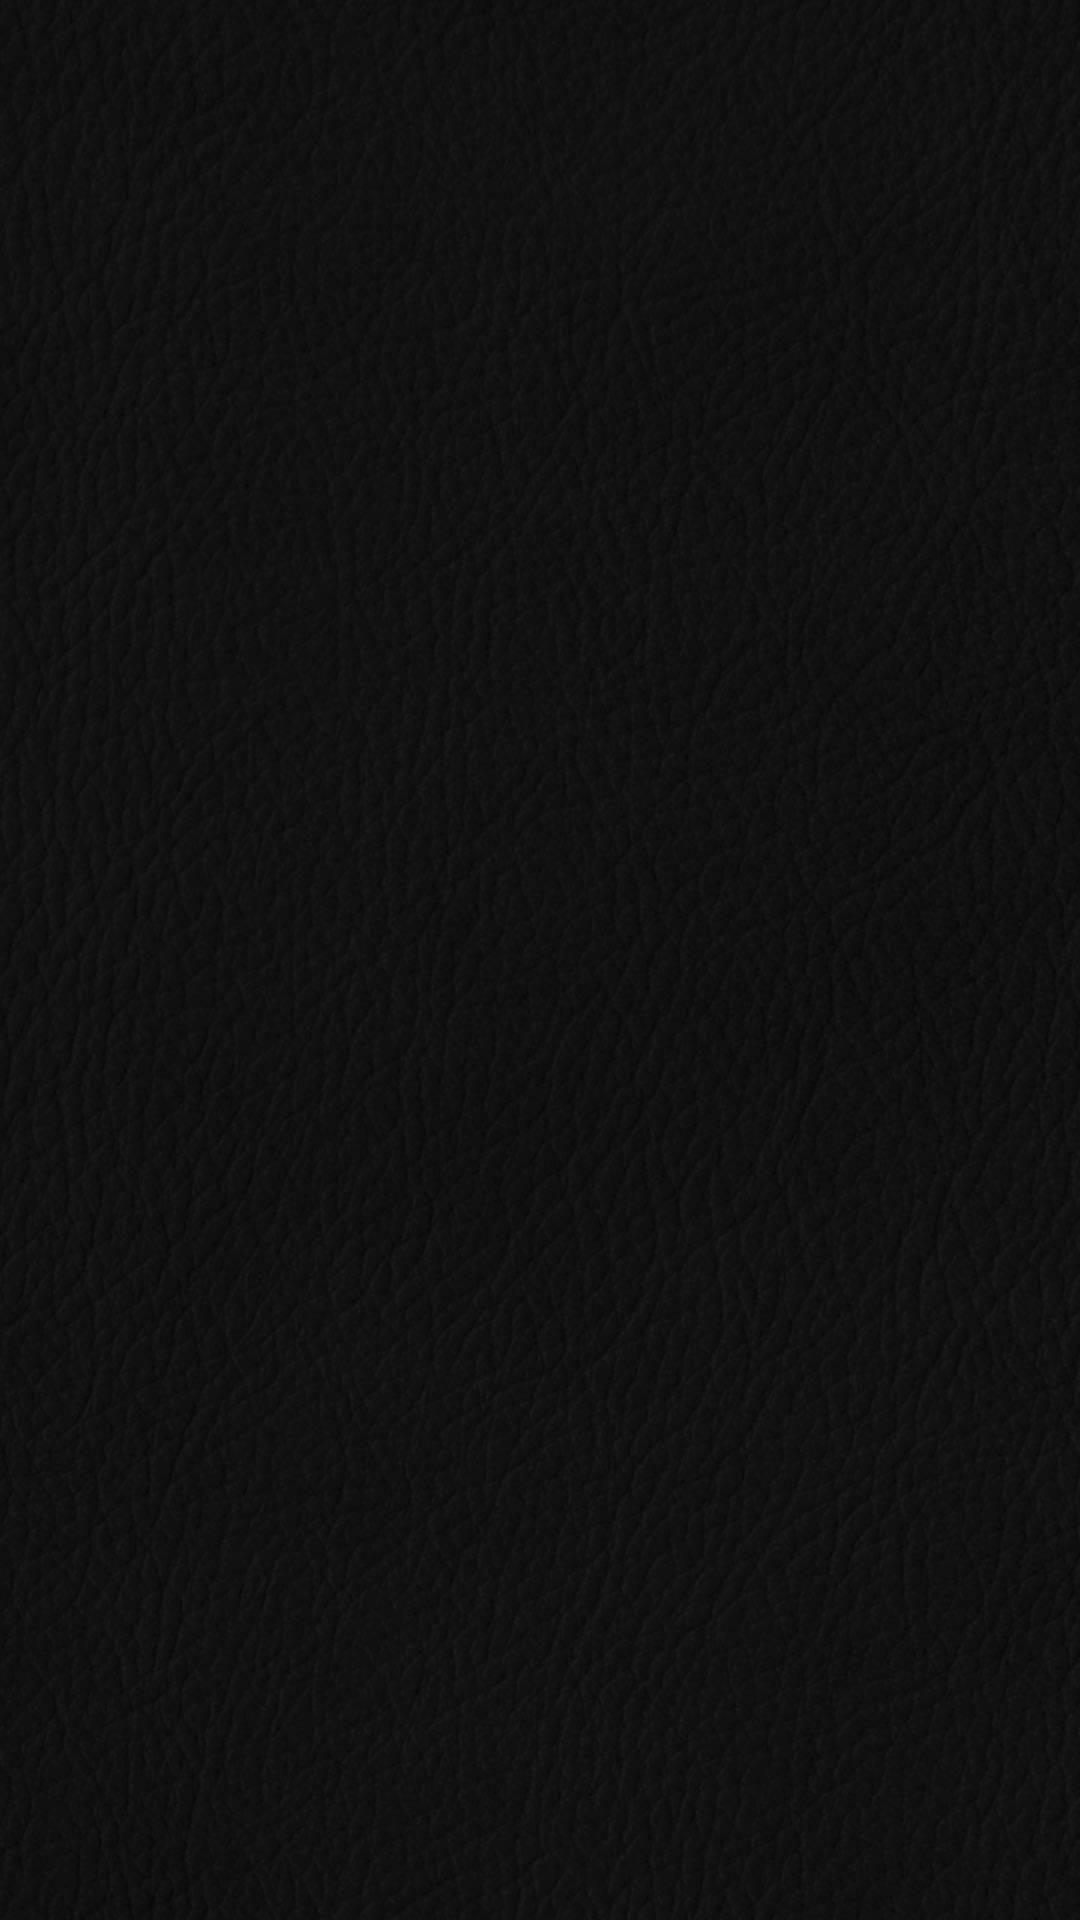 黒 Wallpaper Sc スマホ壁紙